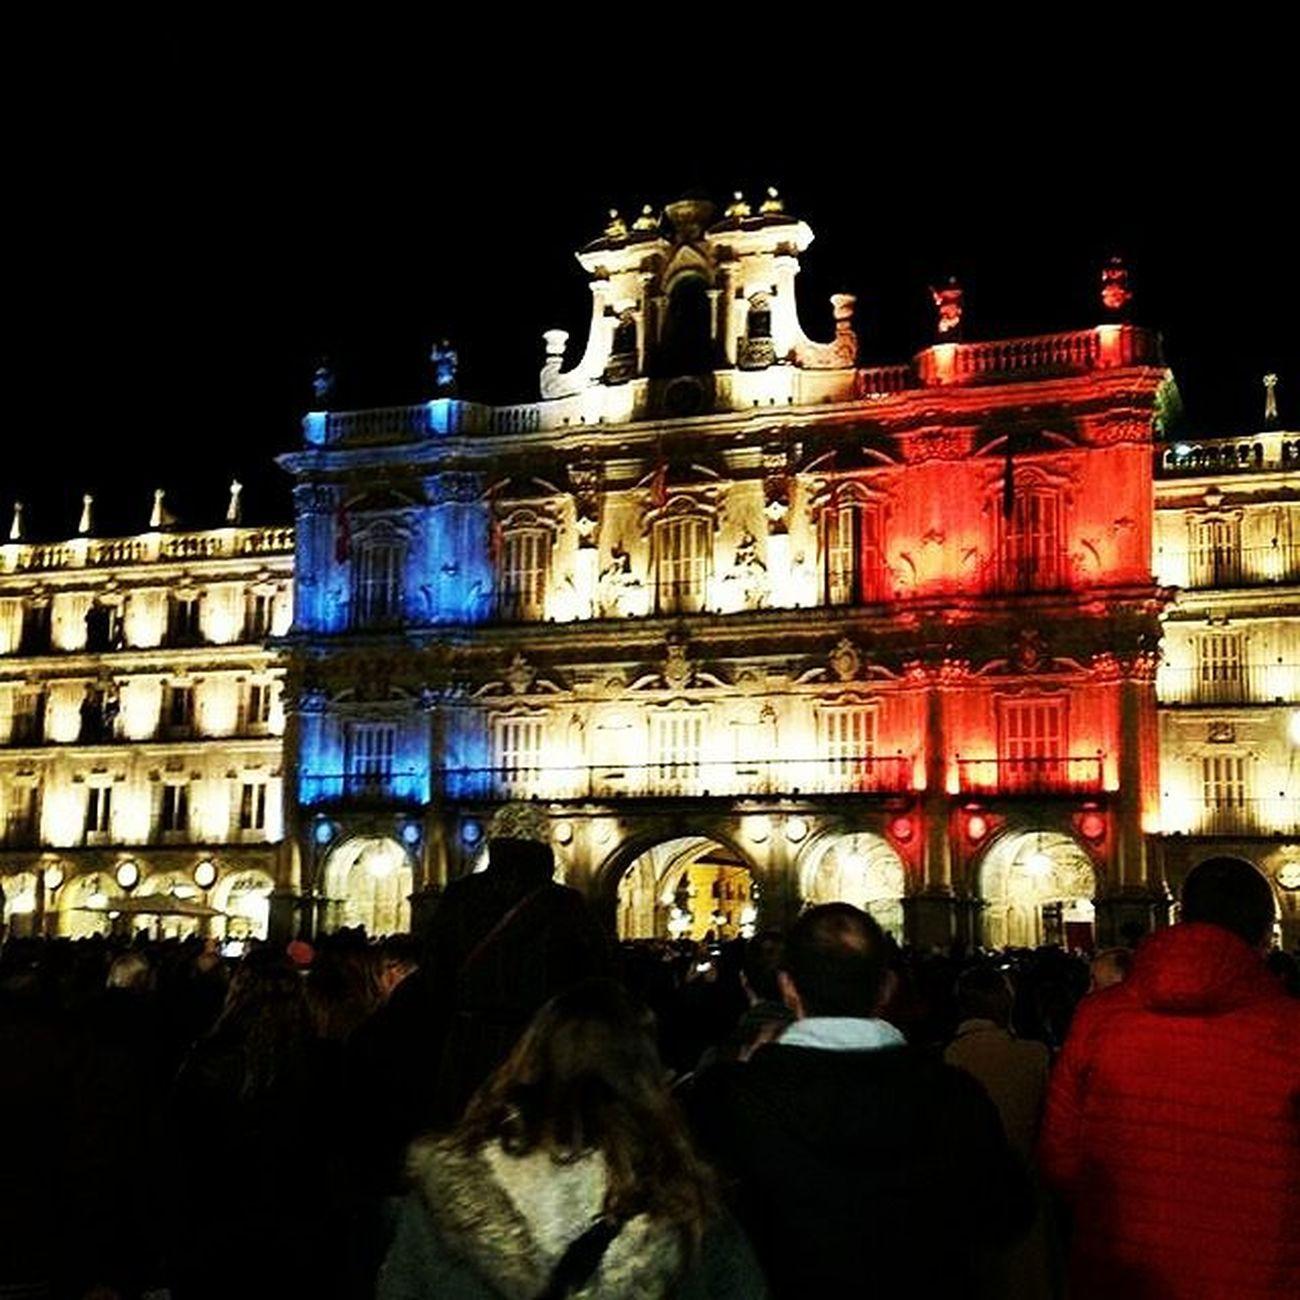 Imagen de @barriodeloeste_zoes Todossomosparis JesuisParis Plazamayor Salamanca ParisAttacks